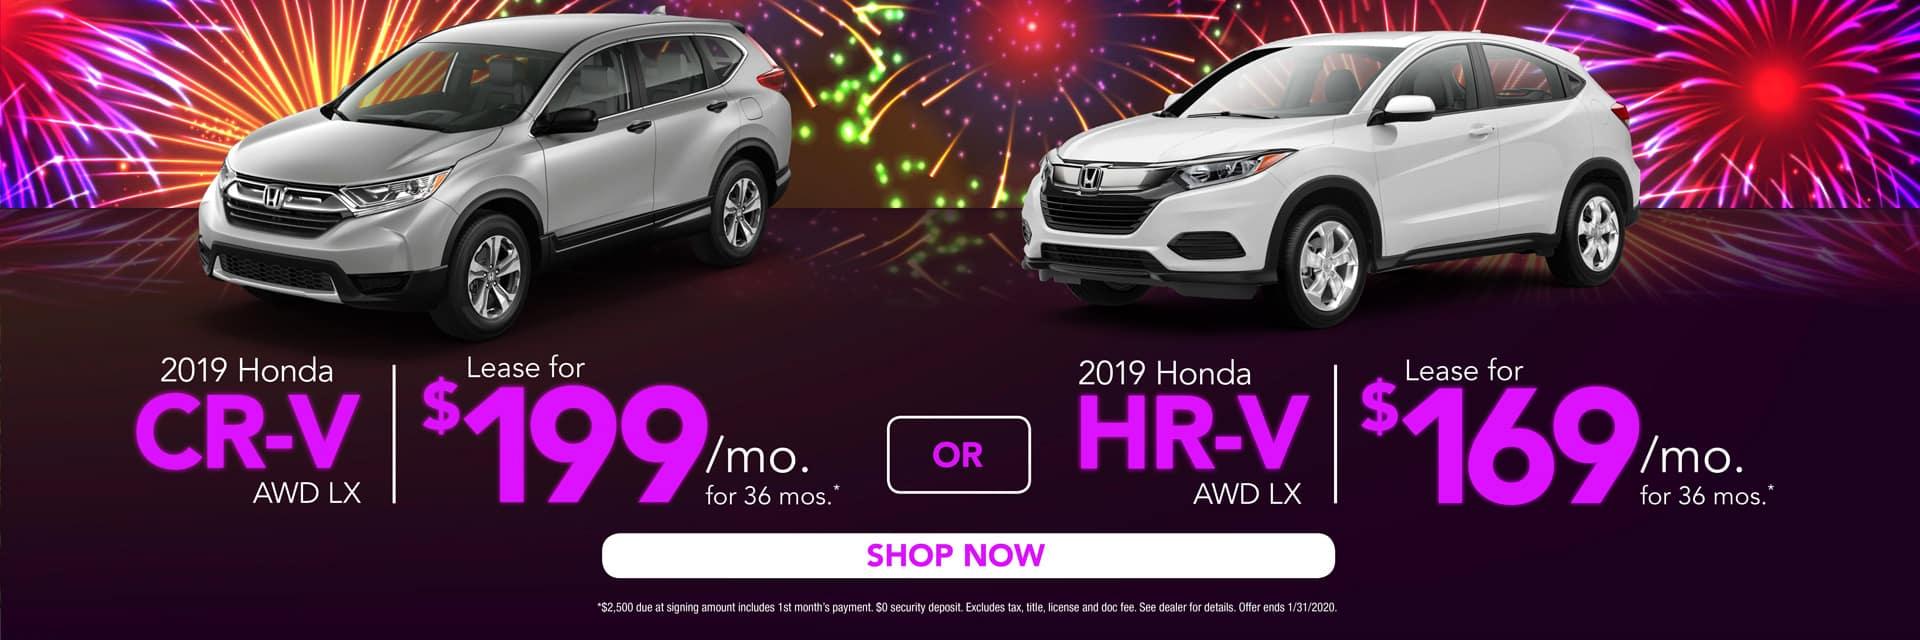 HR-V & CR-V Lease Offers